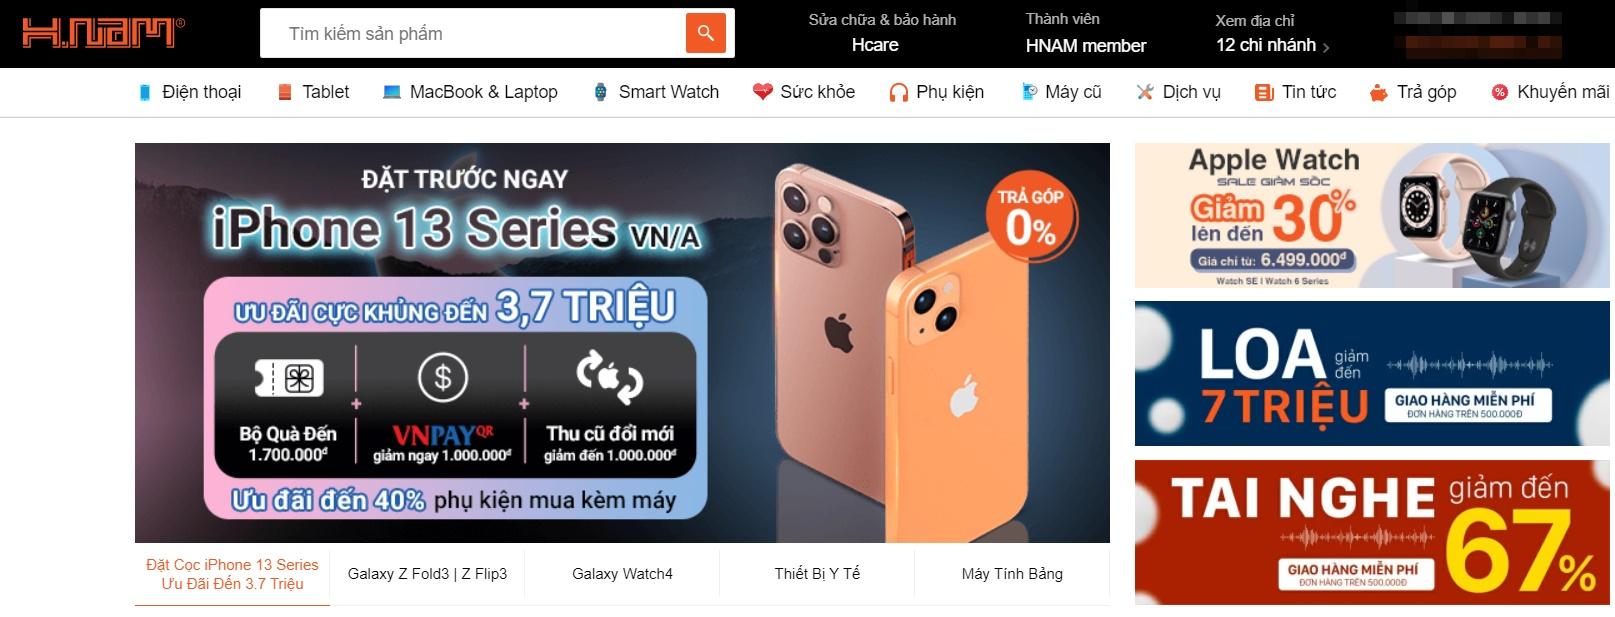 iPhone 13 chưa ra mắt, khách Việt Nam đã săn mua, có cửa hàng chào khách đặt cọc tiền - Ảnh 2.